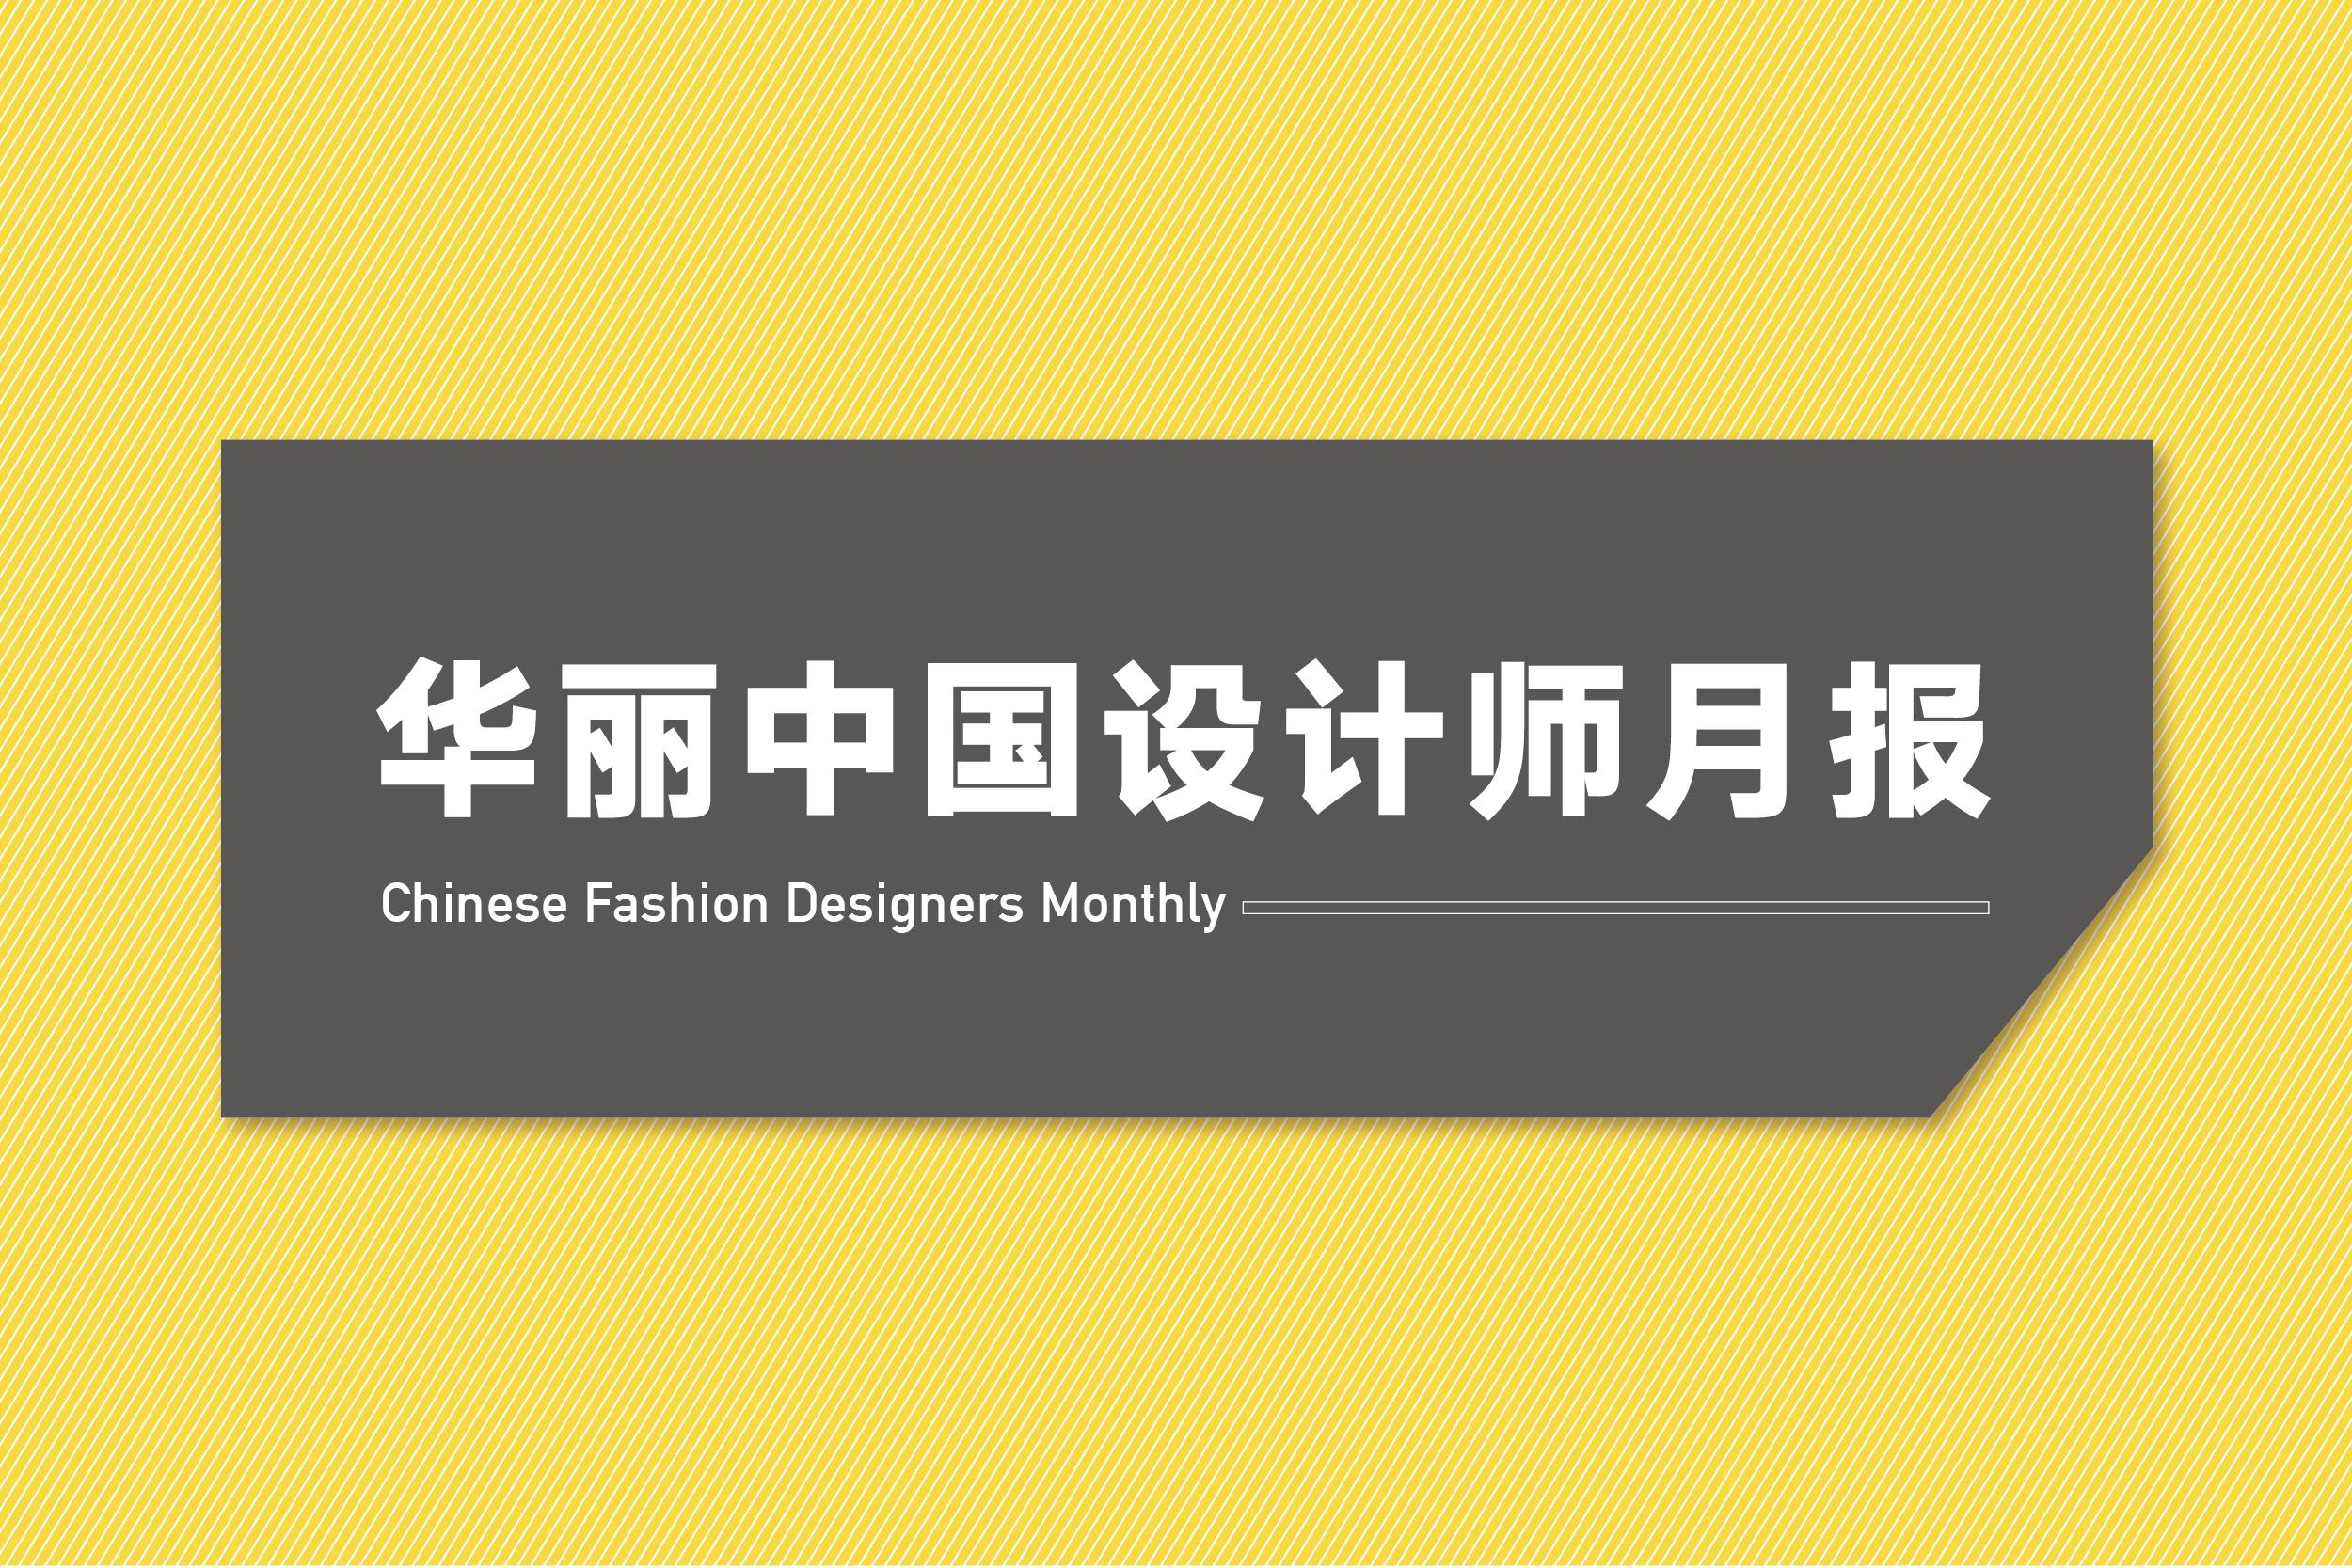 【华丽中国设计师月报】2018年1月